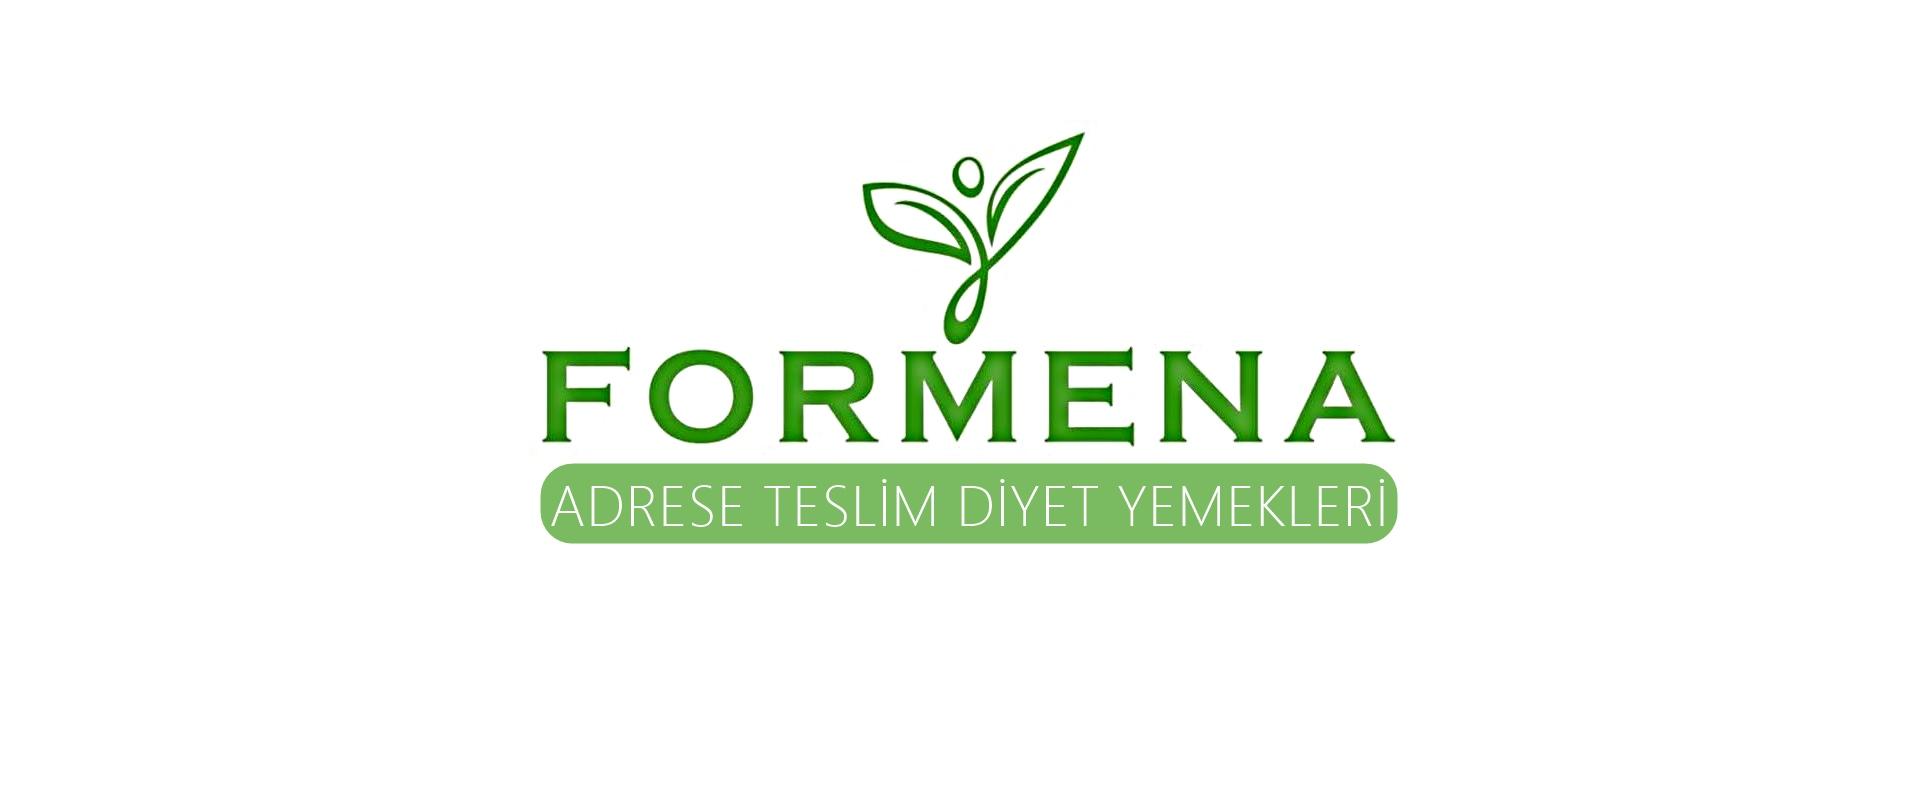 FORMENA Adrese teslim diyet yemekleri